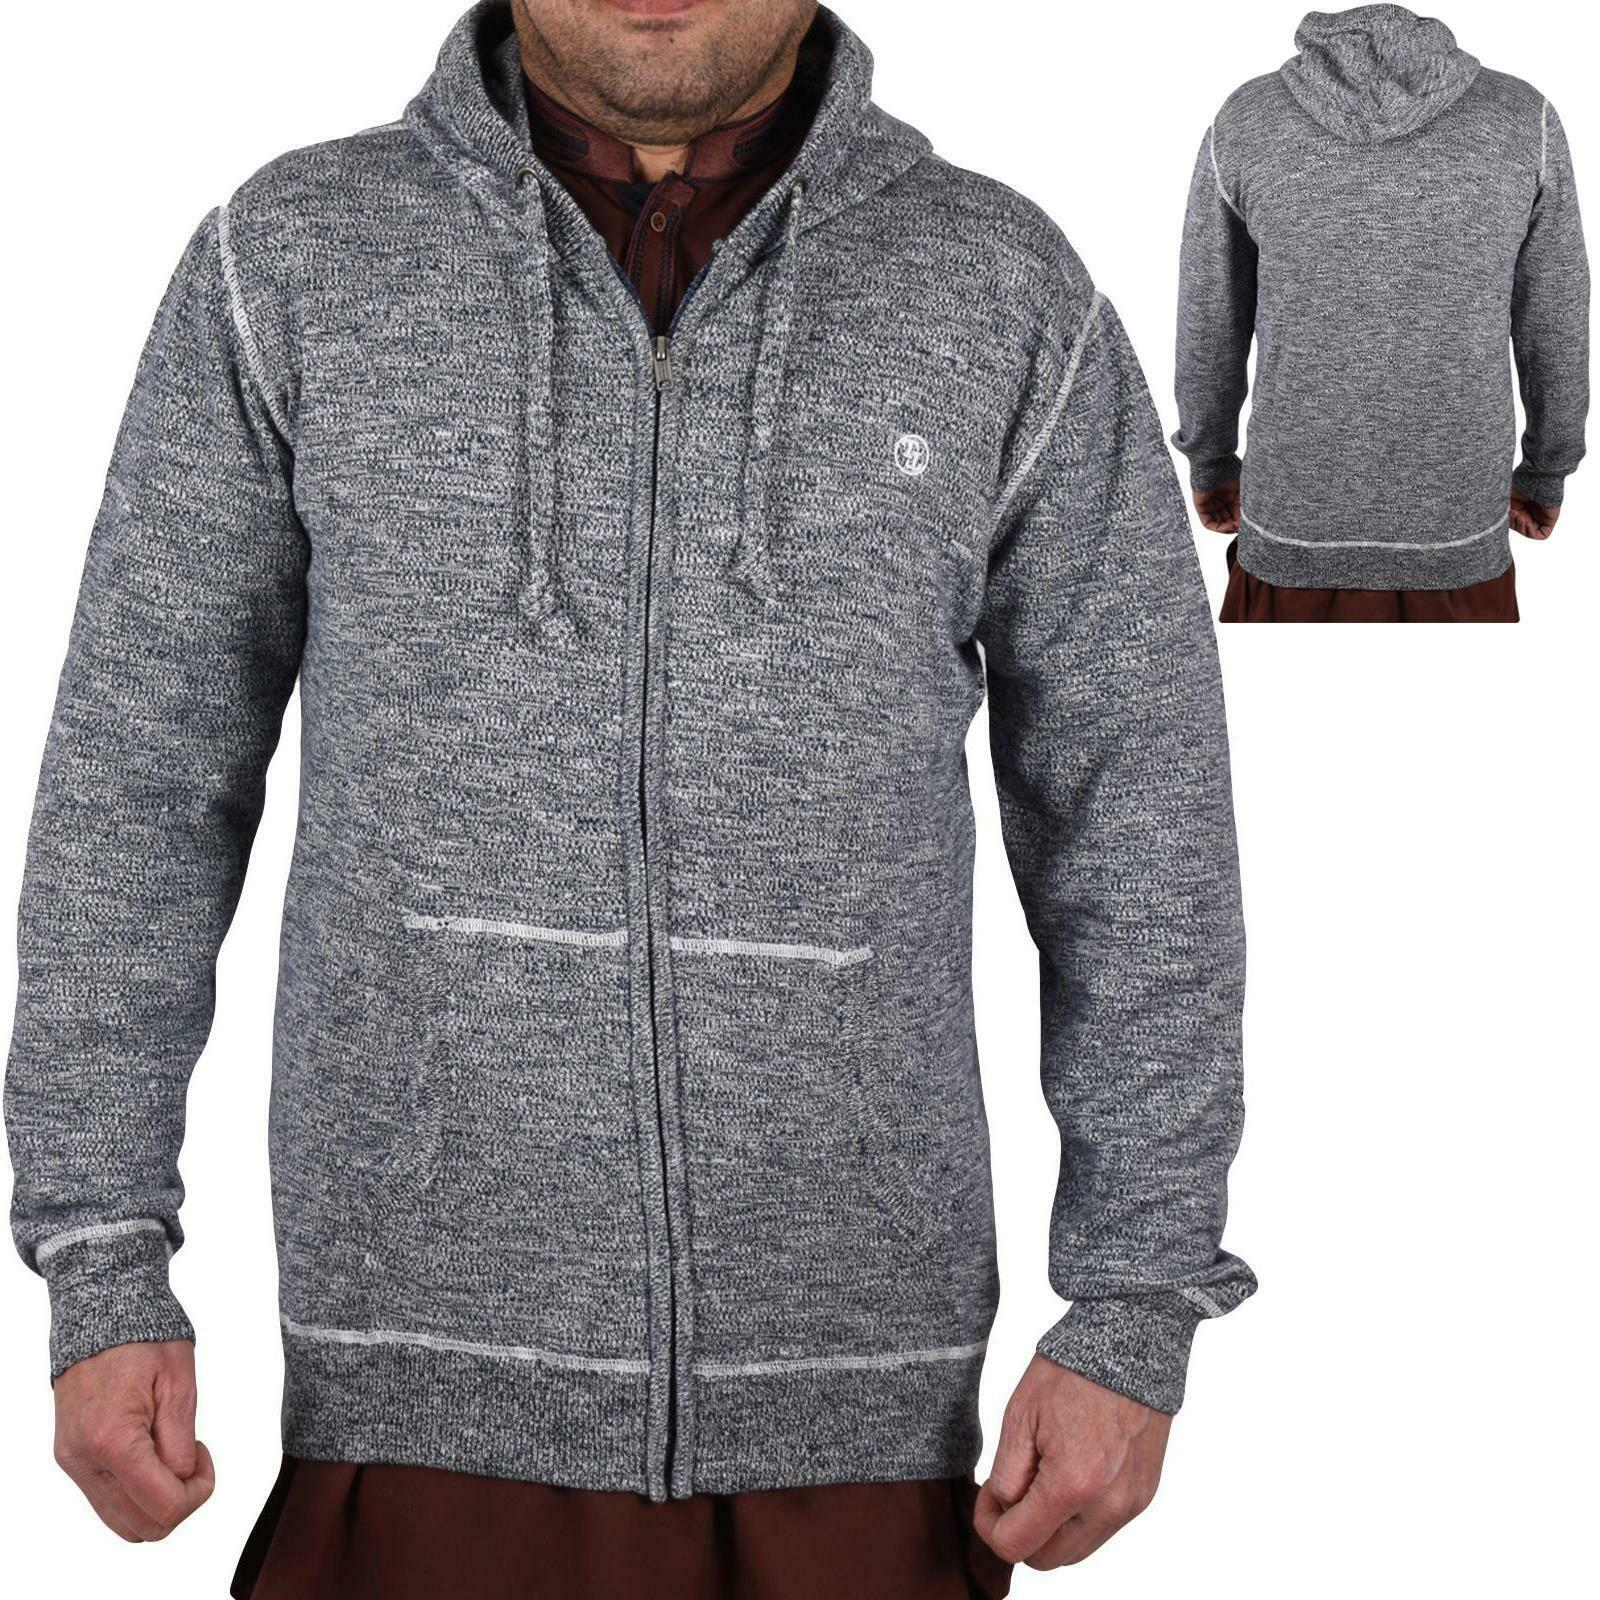 Mens Zip Up Hooded Sweatshirt Casual Outwear Plain Hoodie Jacket Coat Jumper Top